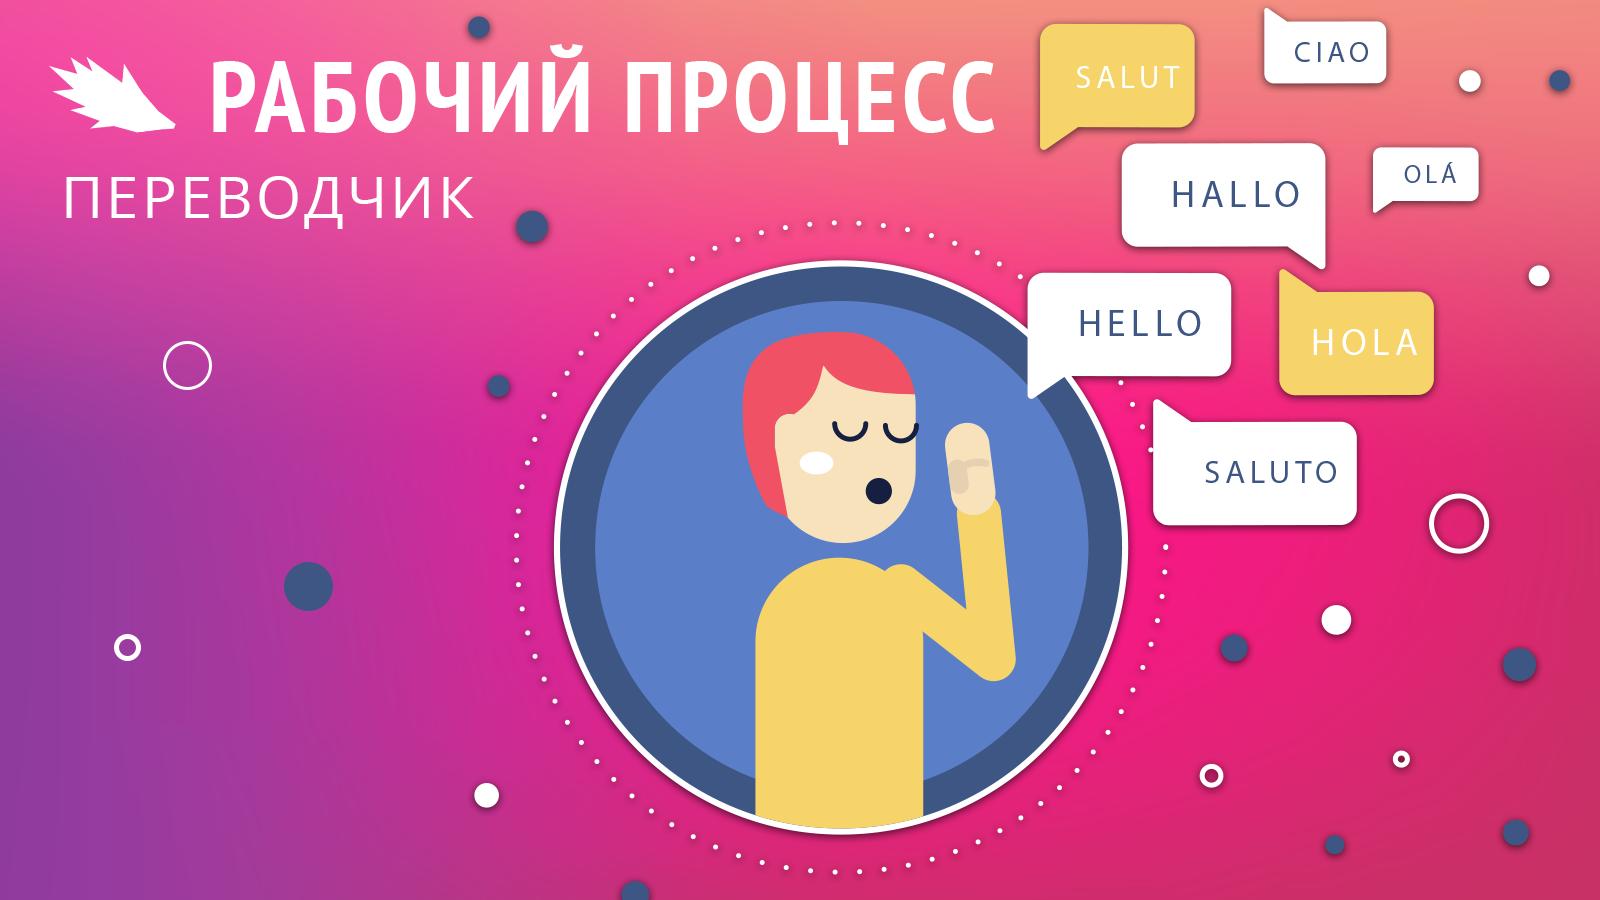 переводчик_ru